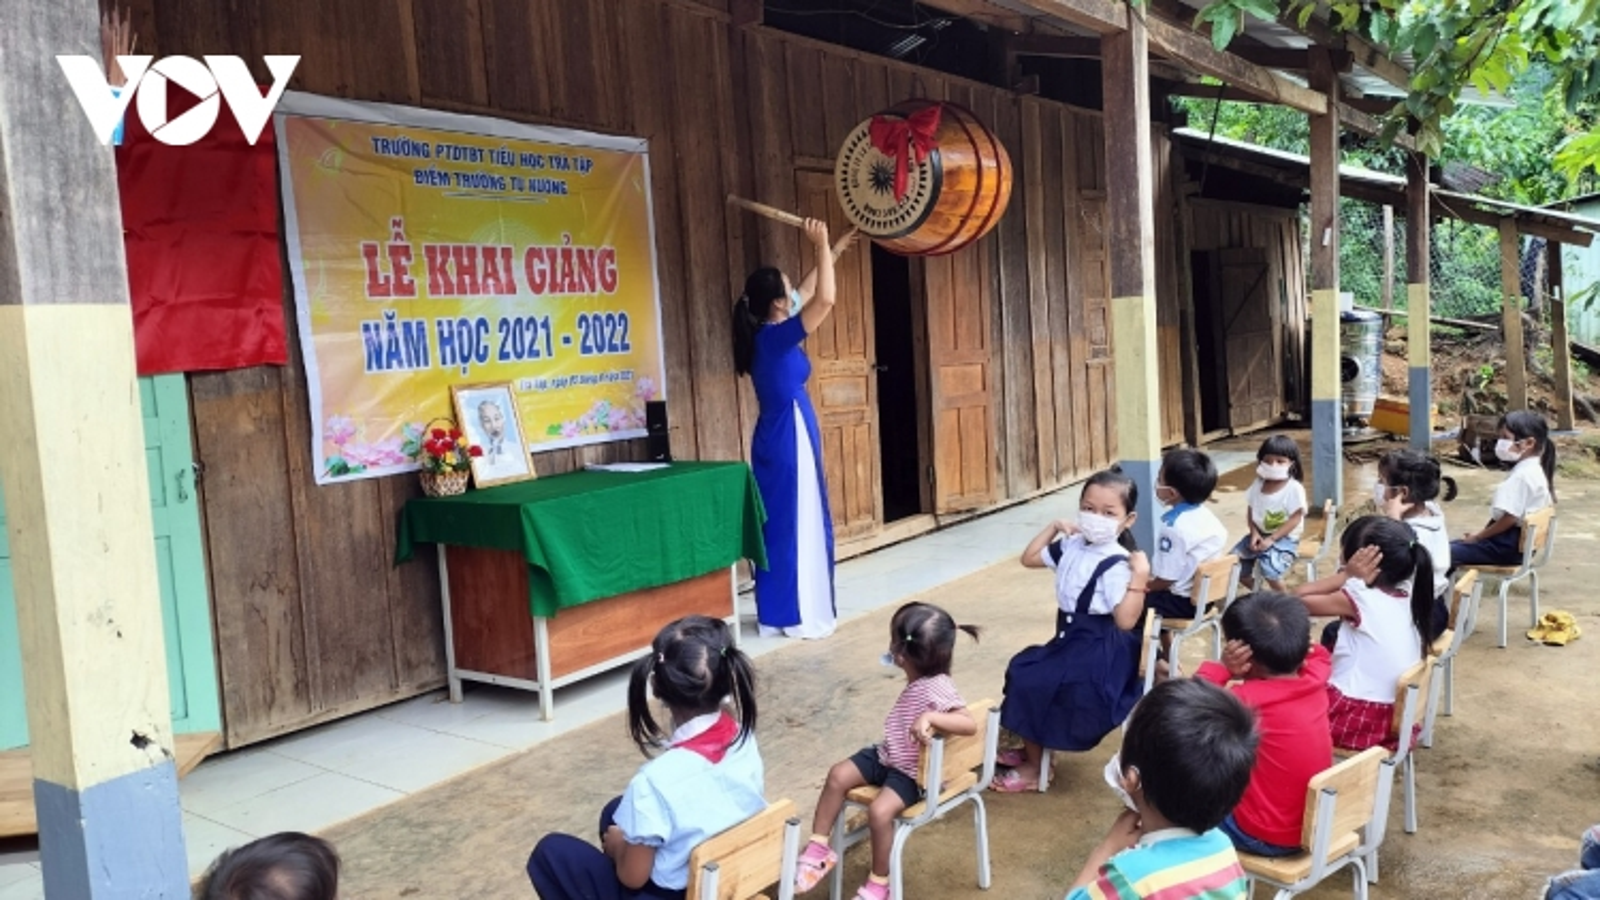 Lễ khai giảng đặc biệt trên vùng rẻo cao Quảng Nam